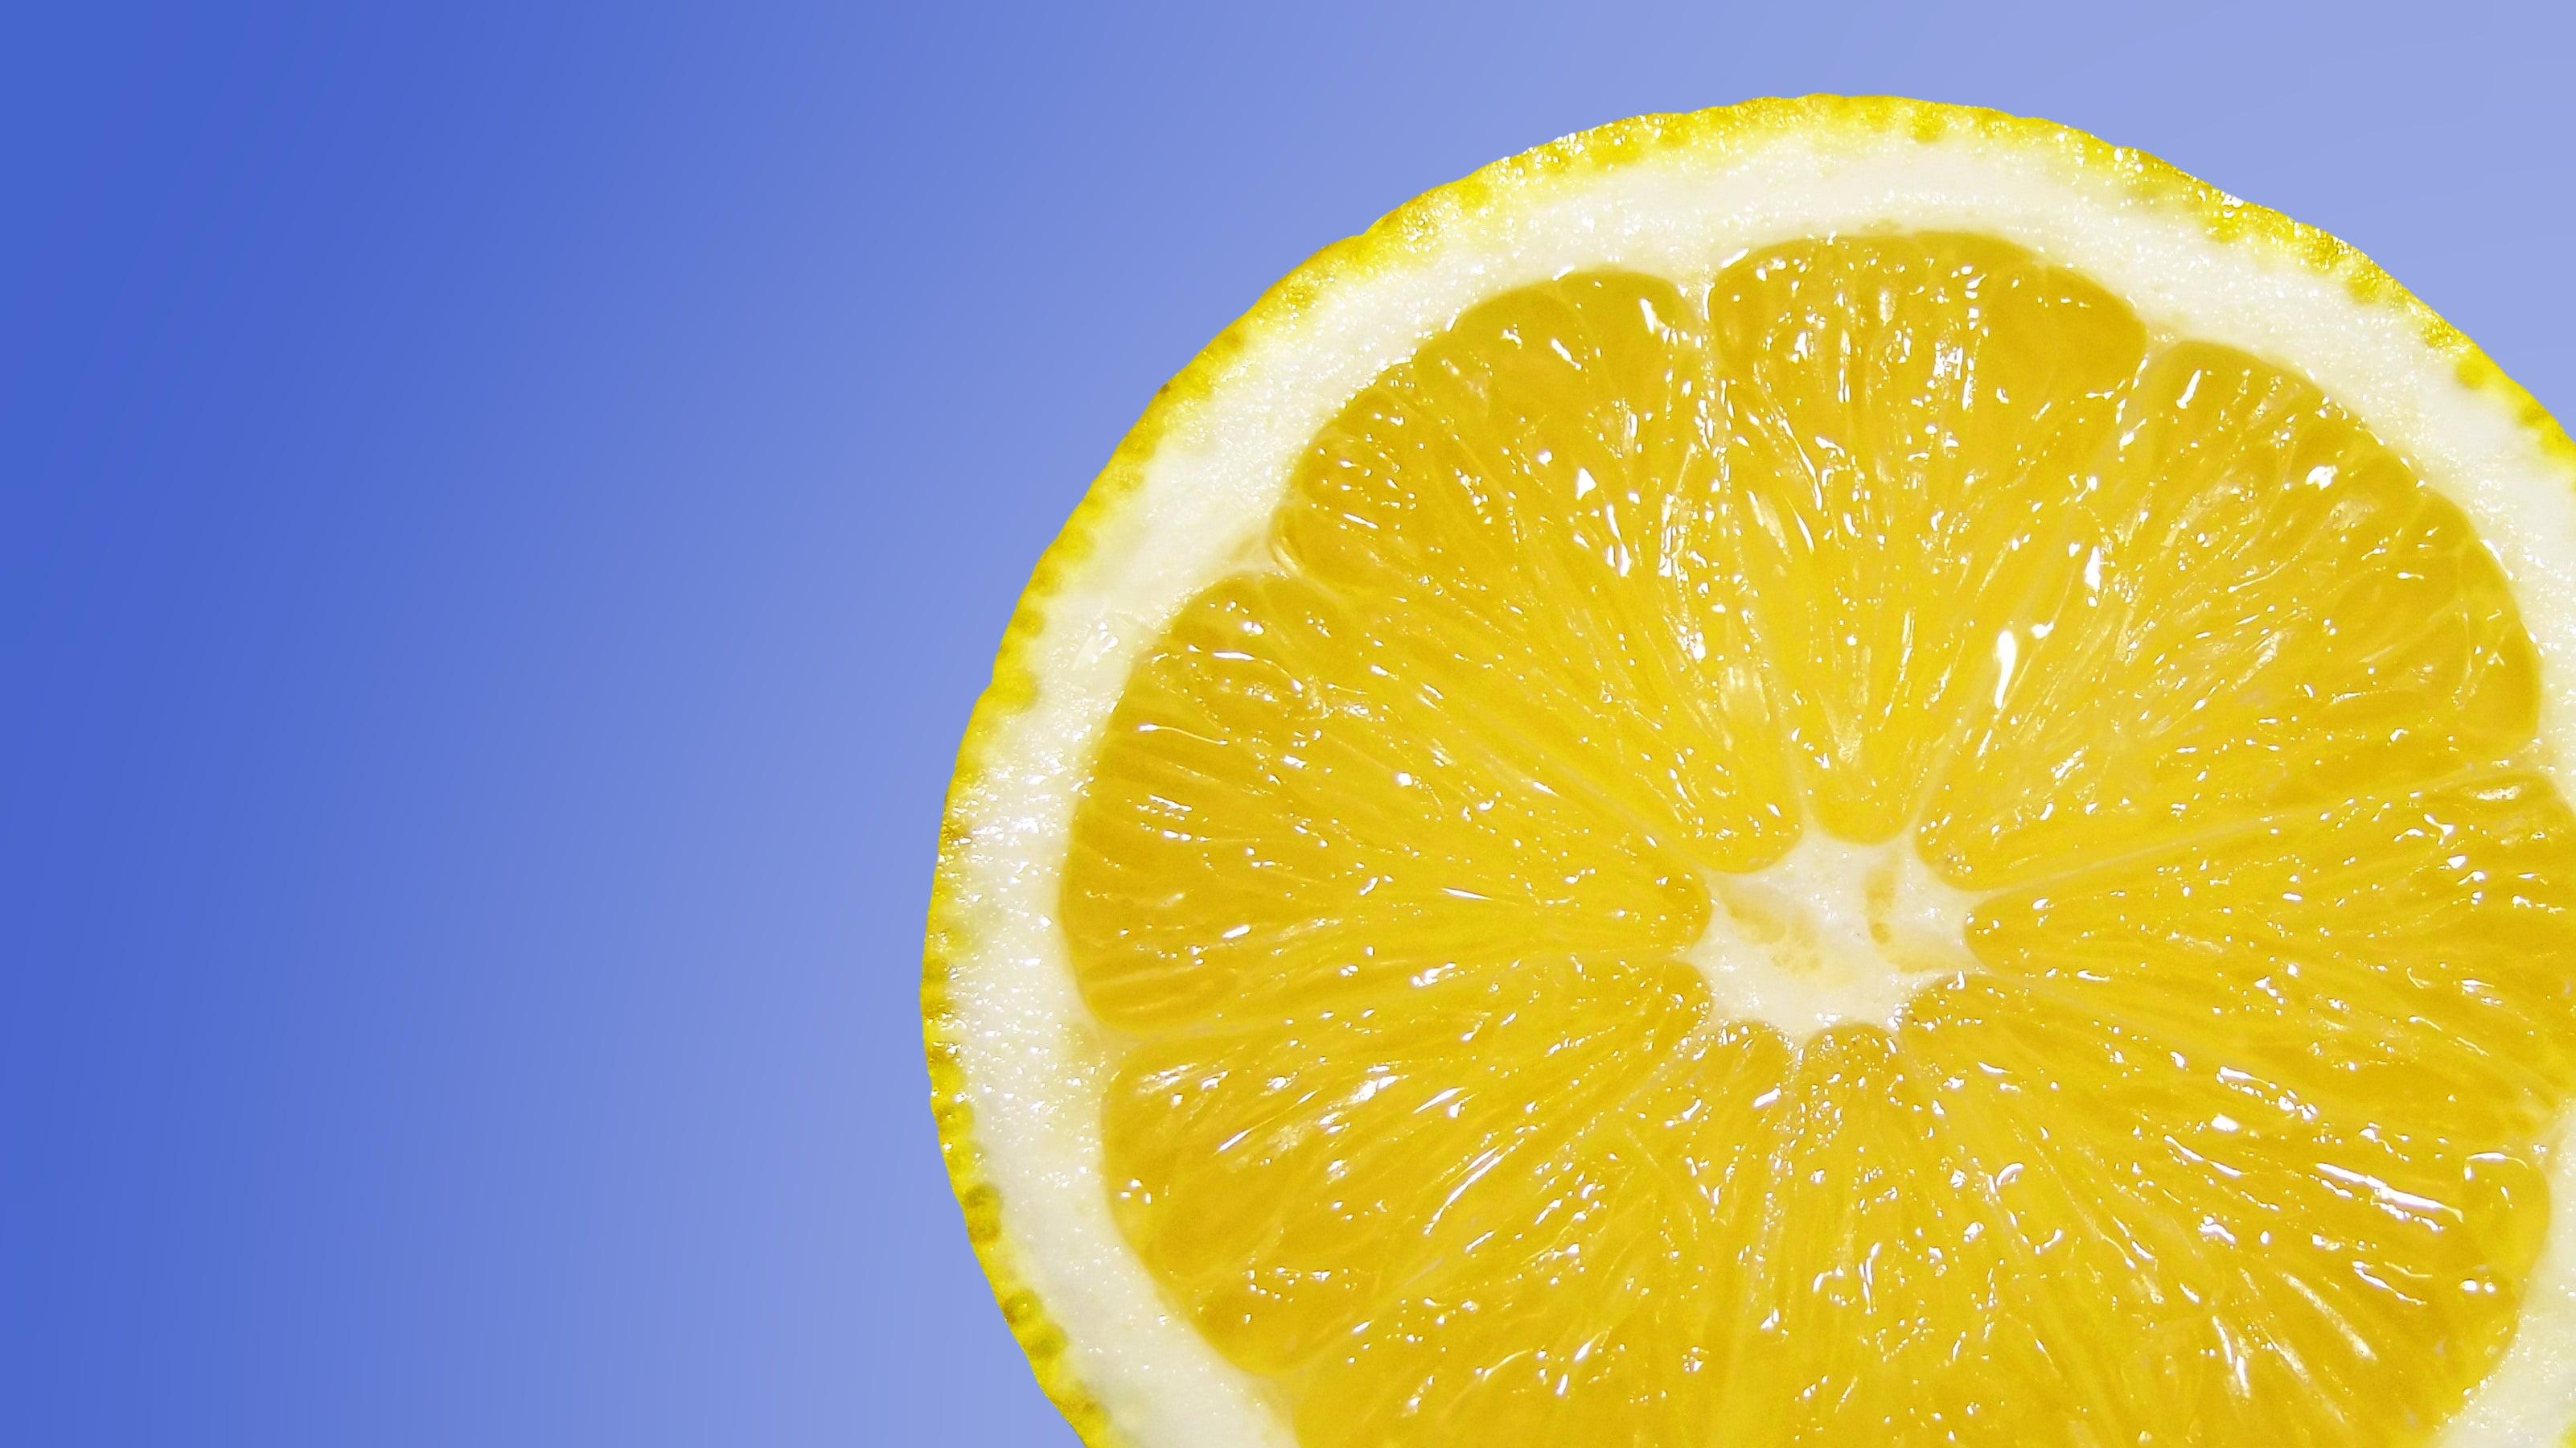 Sliced lemon photo